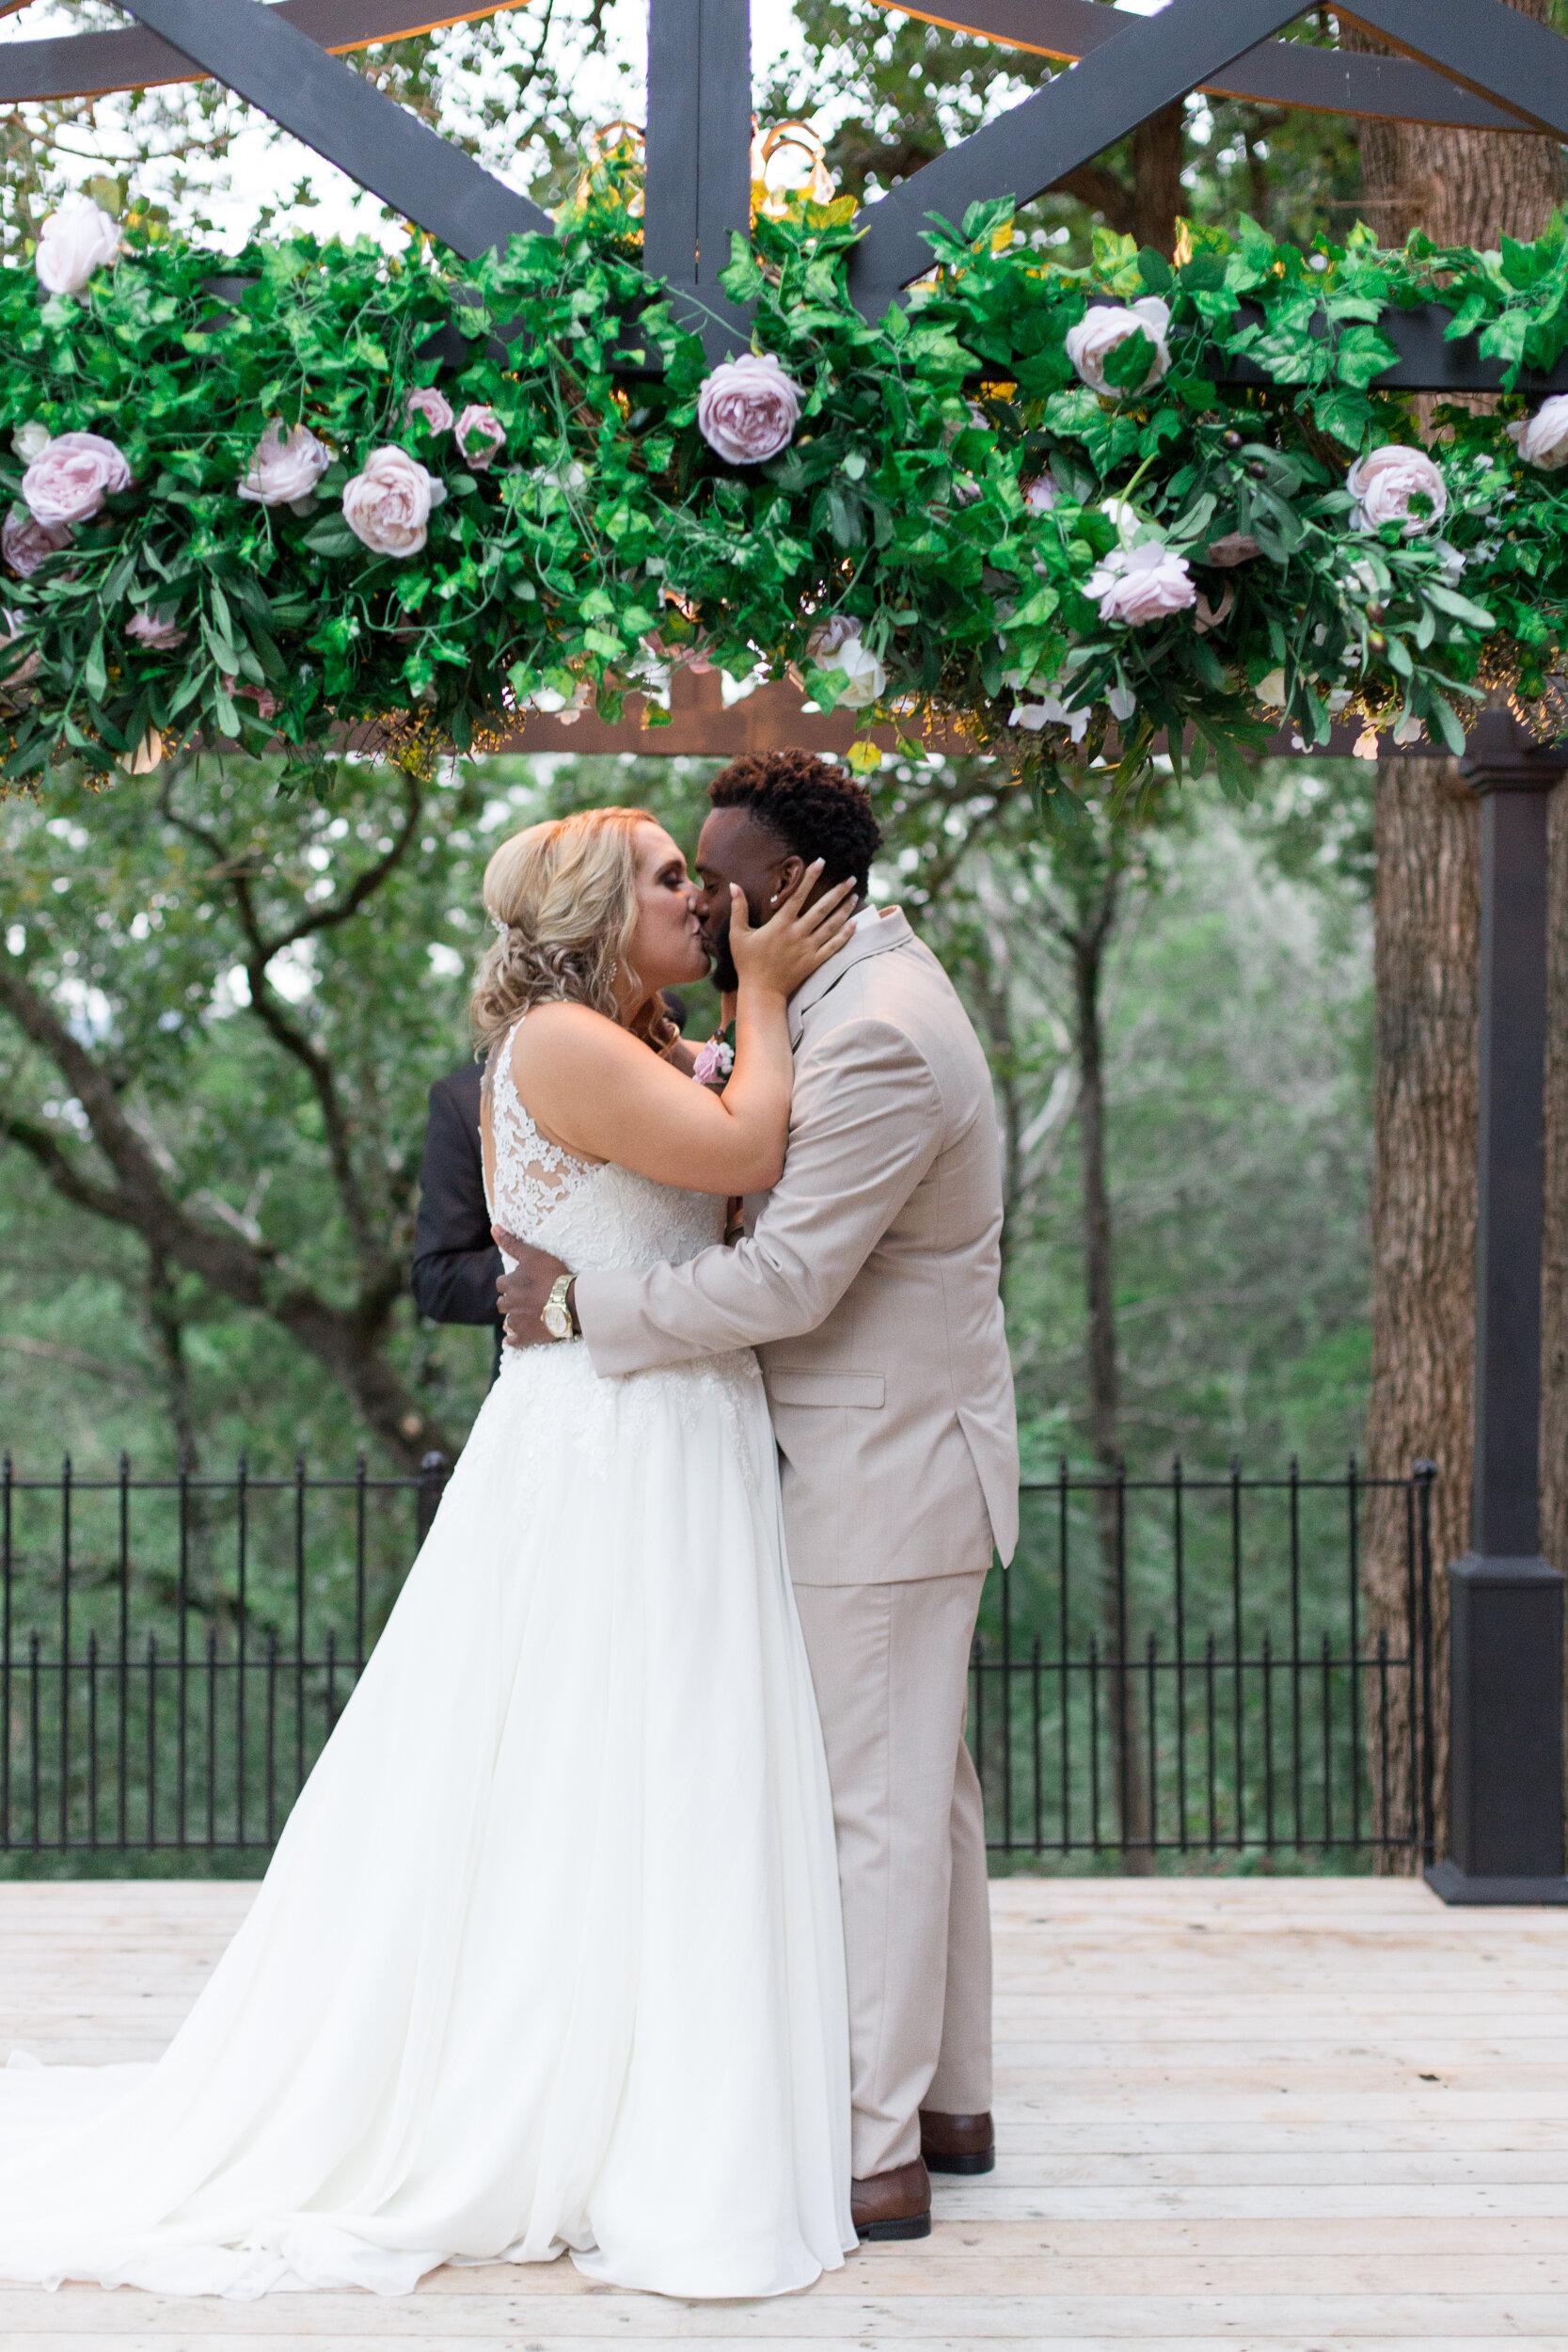 Emanuel-Wedding_kelsiehendricksphotography-71.jpg